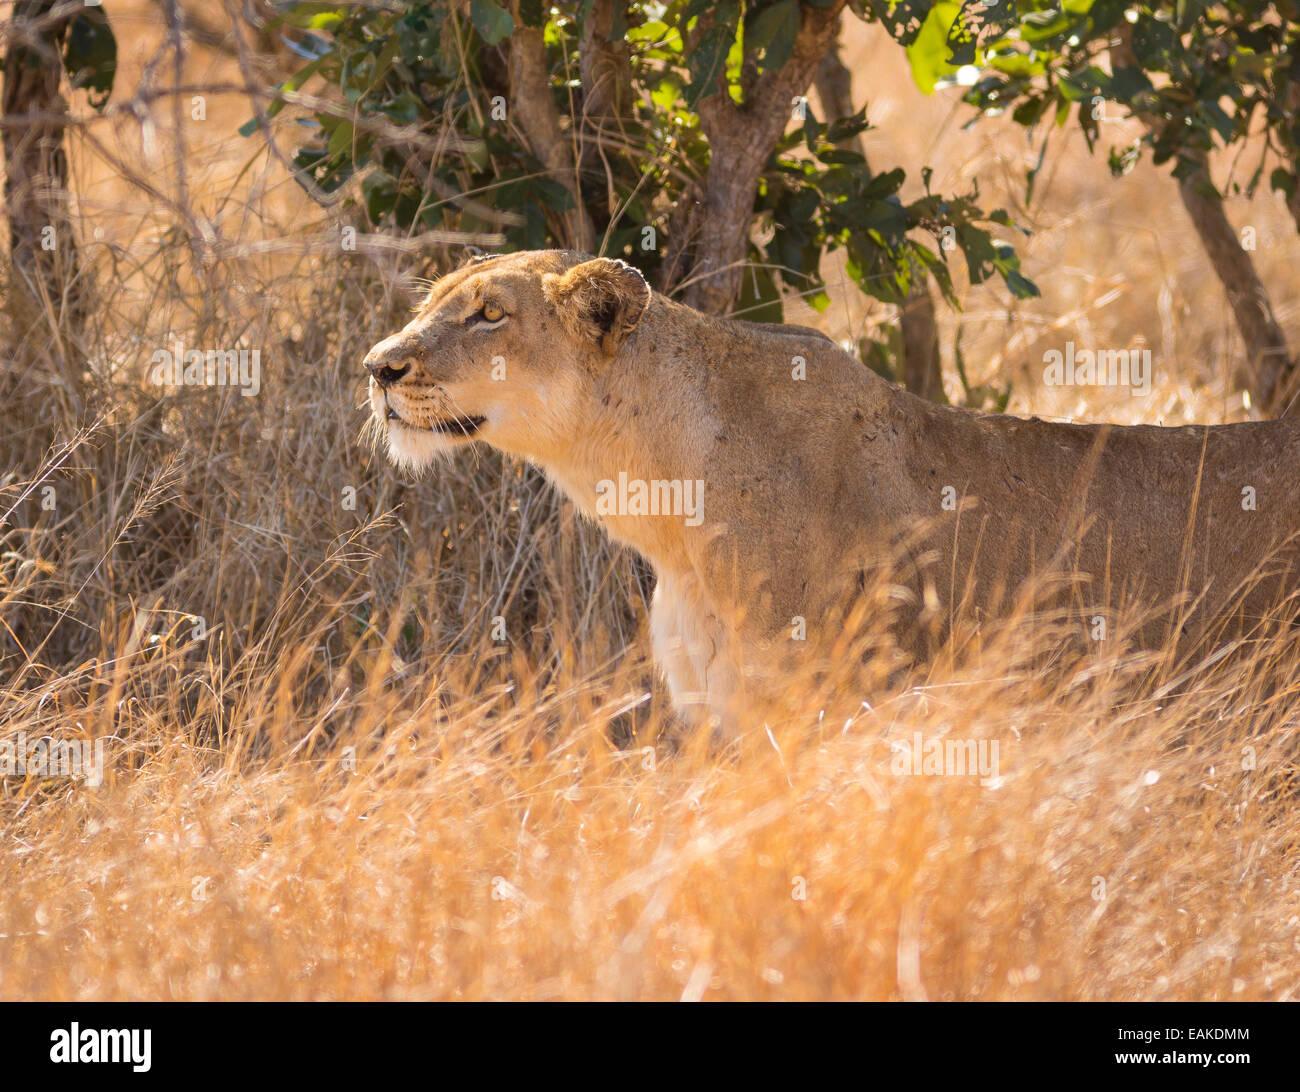 El Parque Nacional Kruger, Sudáfrica - Lavica acechar presas en la hierba alta durante la caza. Foto de stock